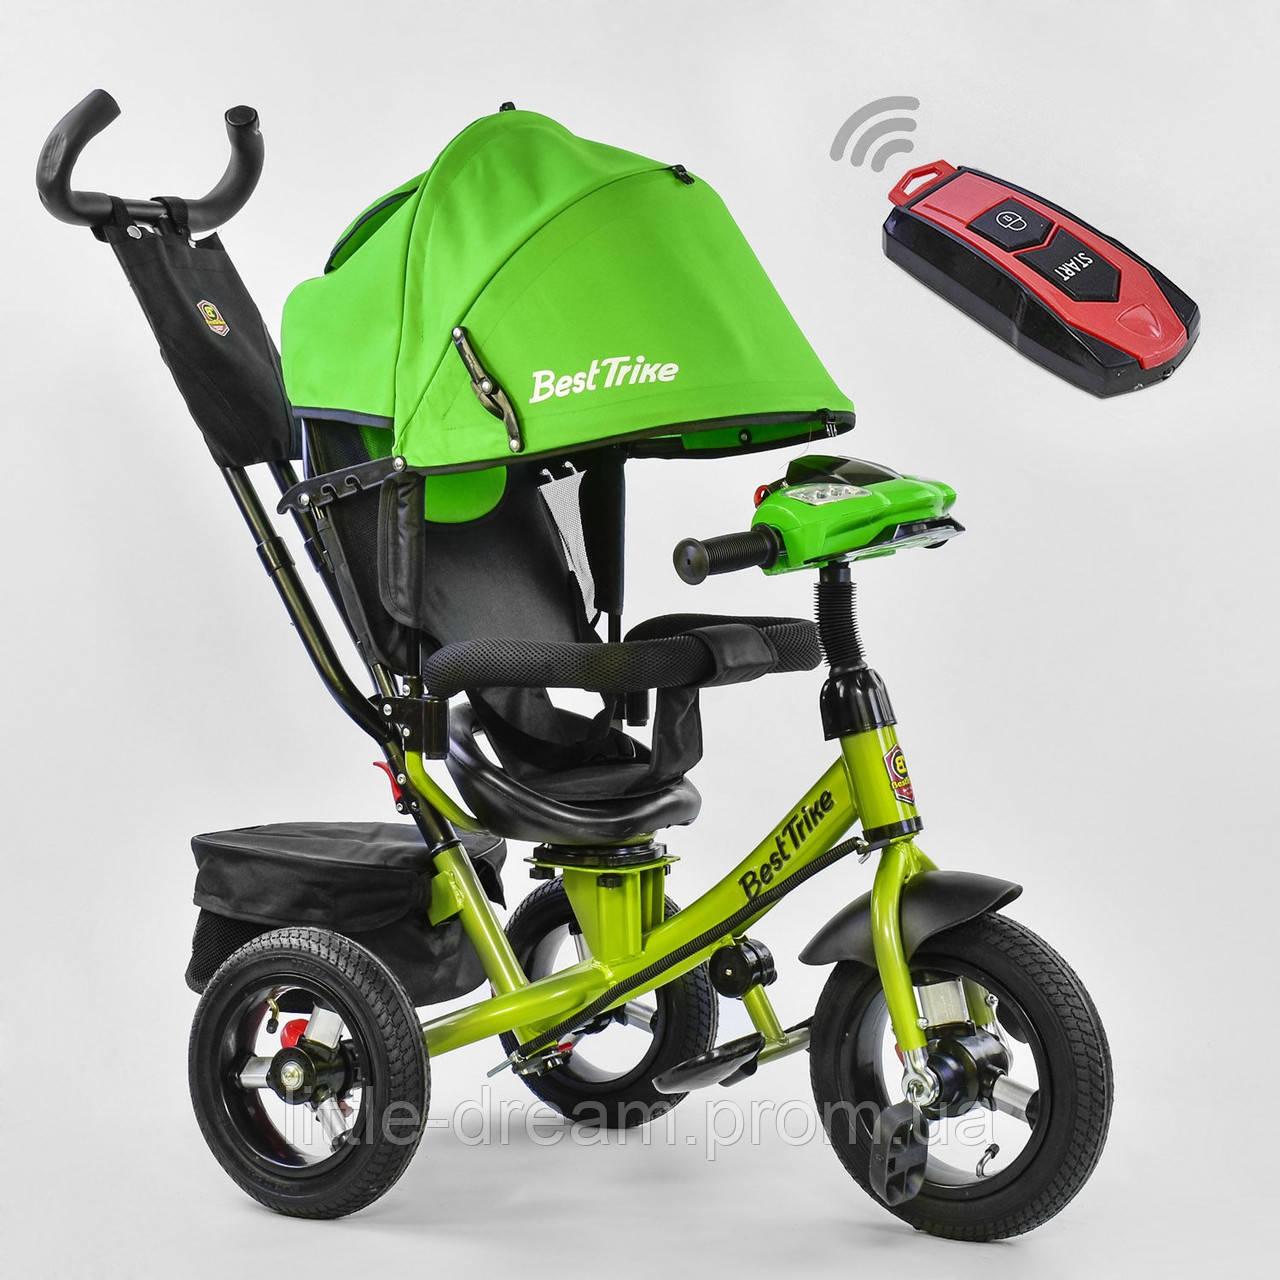 Велосипед Best Trike 7700 В - 2550 поворотное сиденье, надувные колеса, пульт включения света и звука